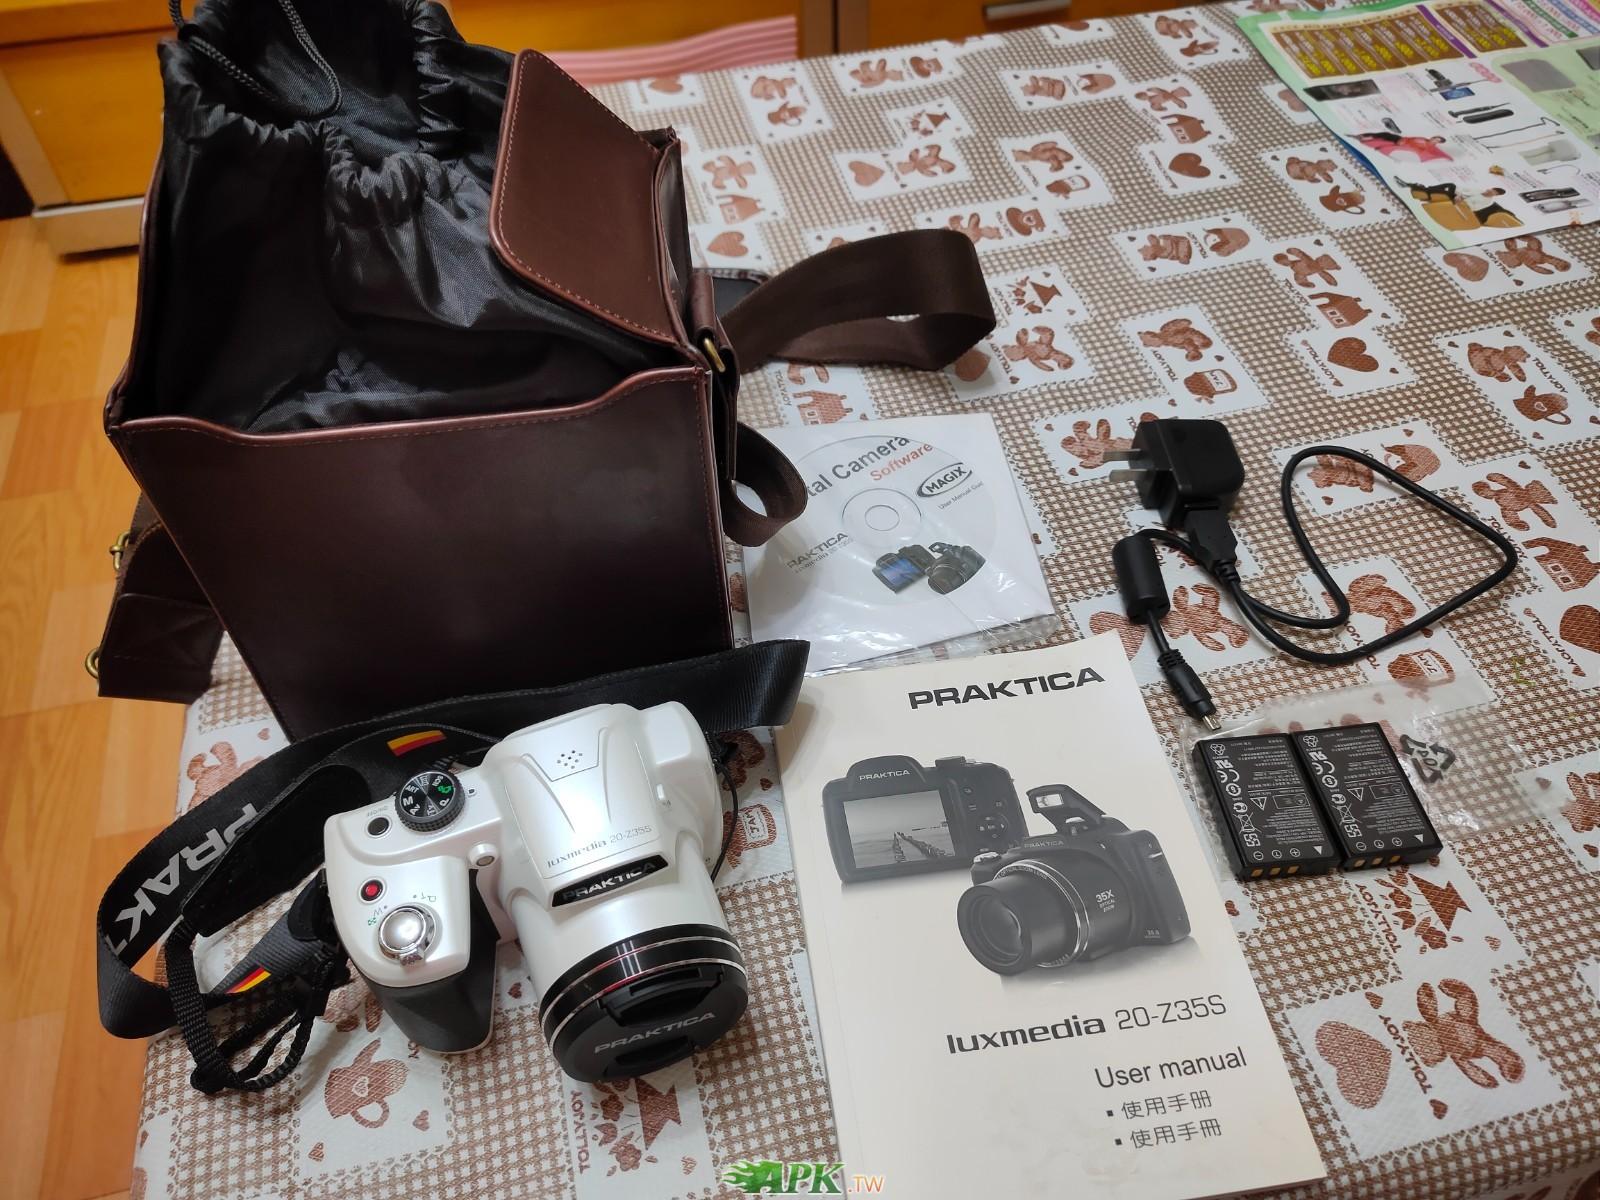 德國柏卡PRAKTICA Luxmedia 20-Z35S 類單眼相機